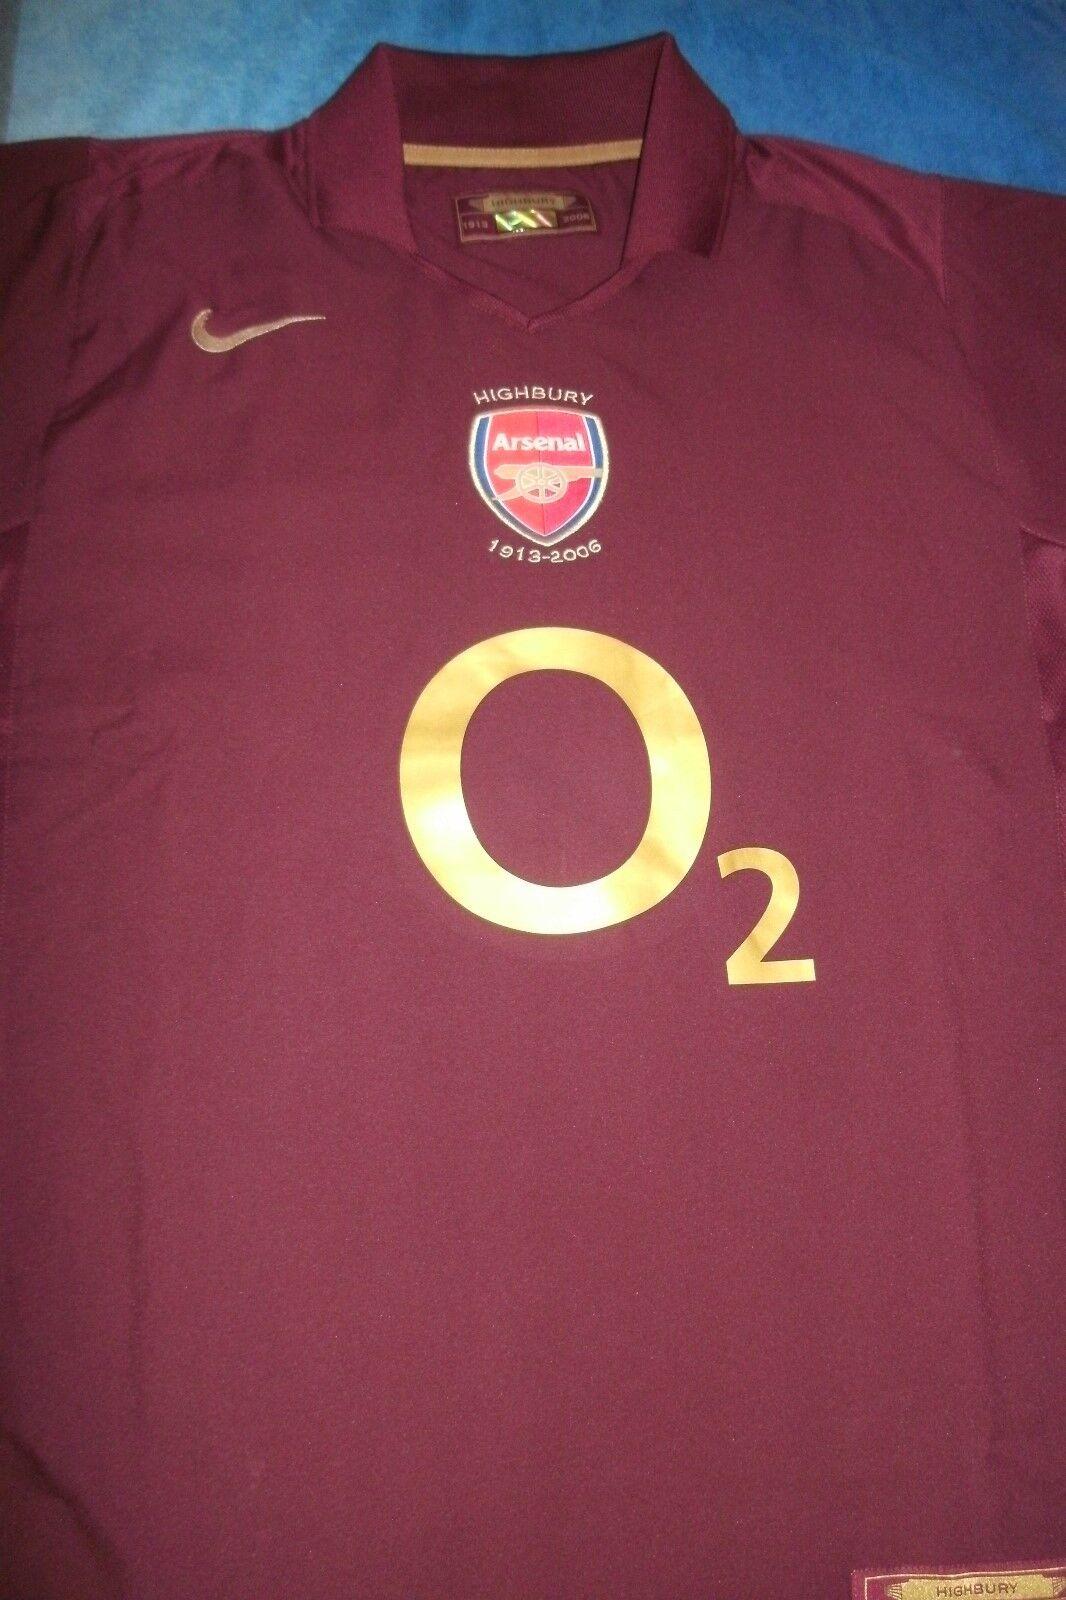 Arsenal Edición Limitada Highbury 1913-2006 S S Camiseta de fútbol. Talla L. Freepost